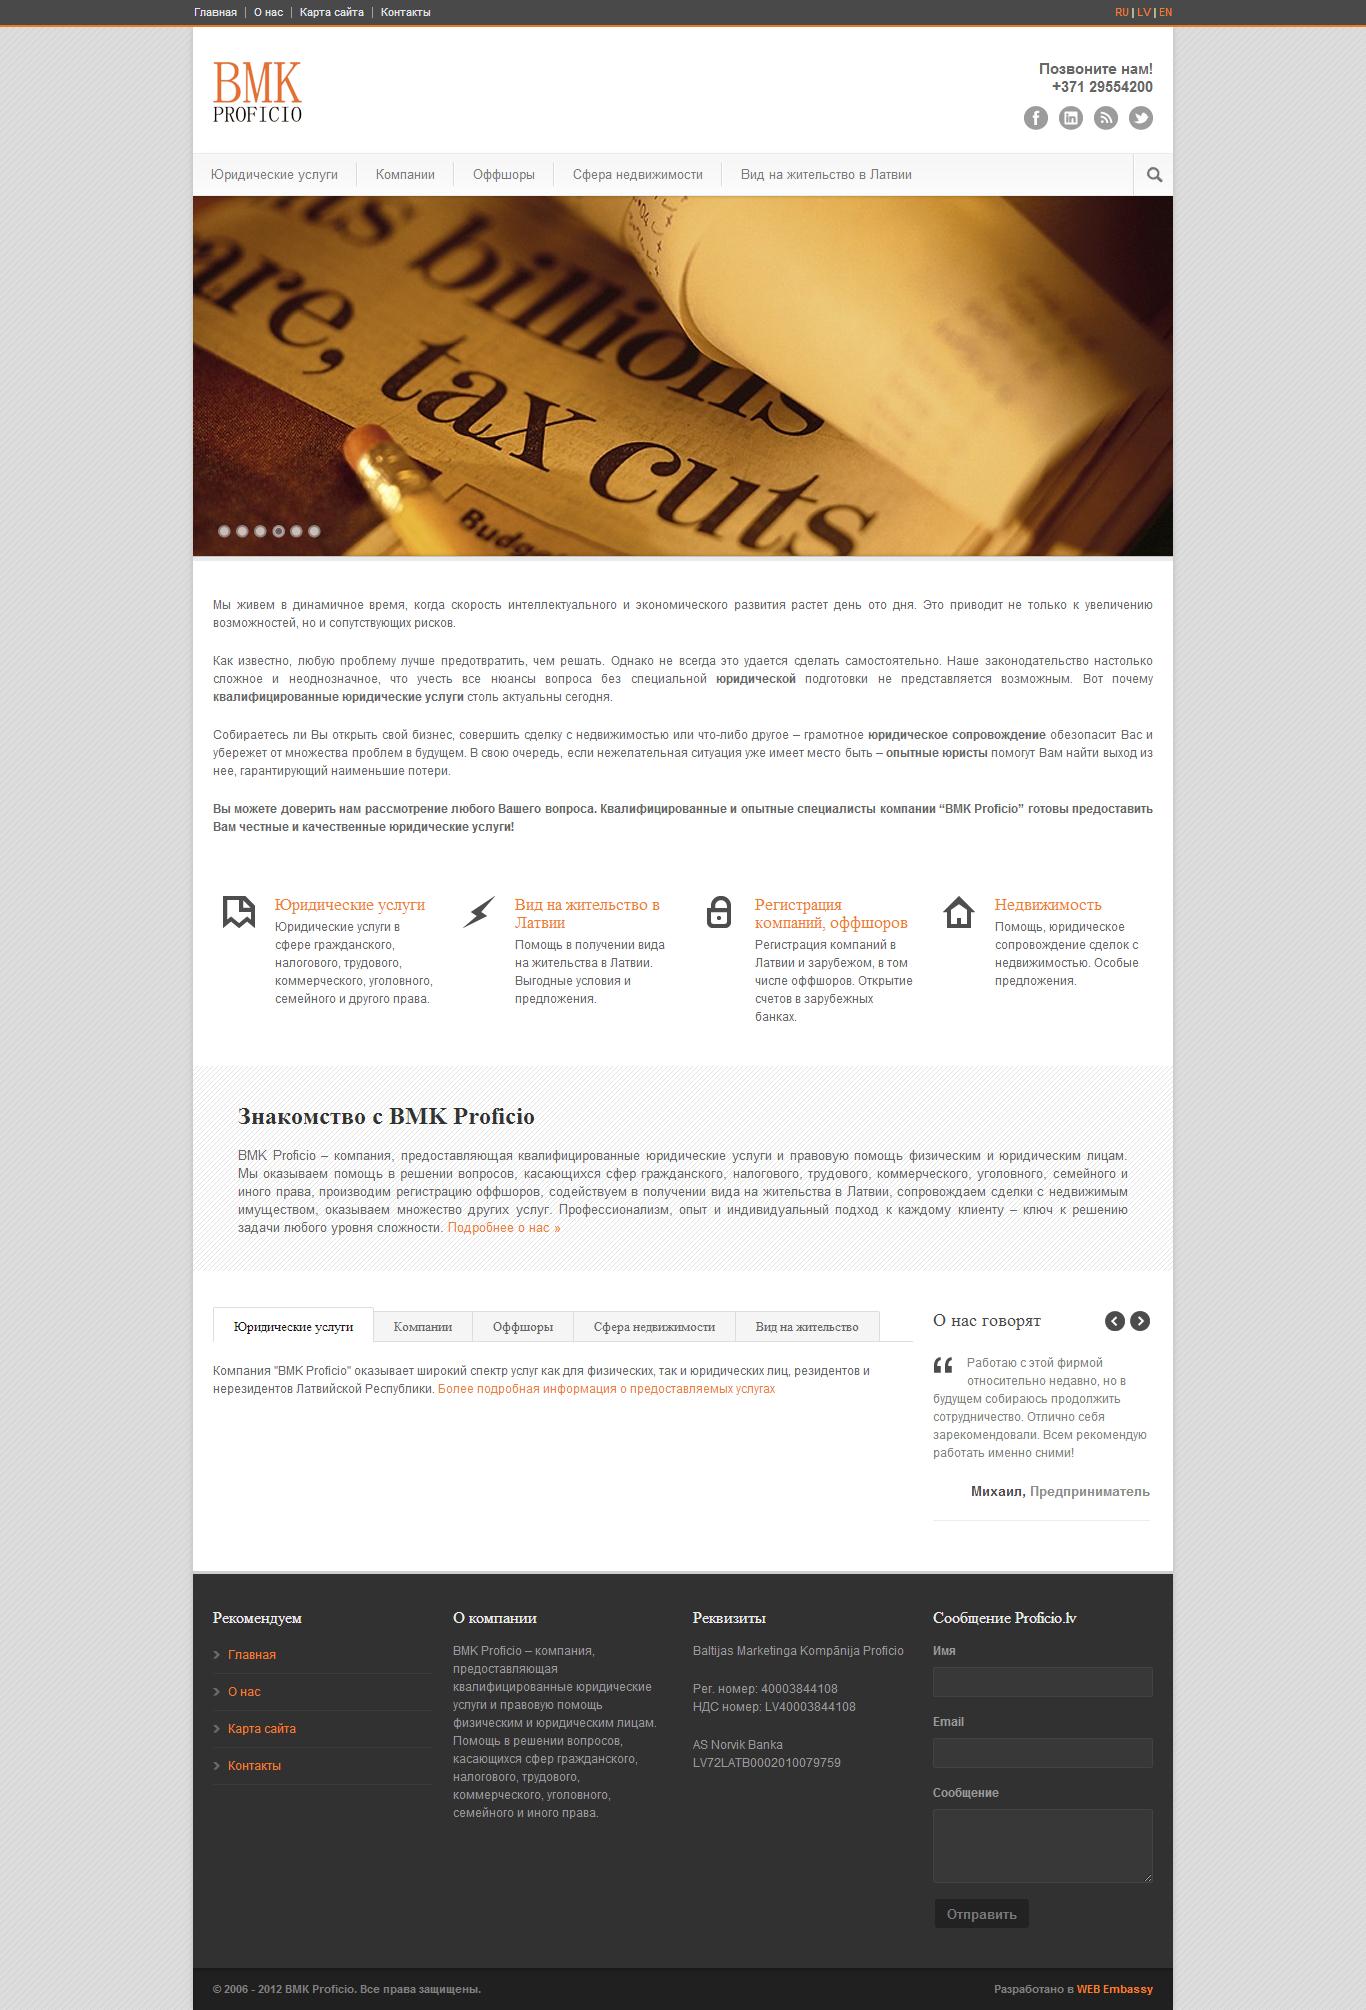 Разработан корпоративный веб-сайт компании BMK Proficio. Реализована адаптация к мобильным и планшетным устройствам